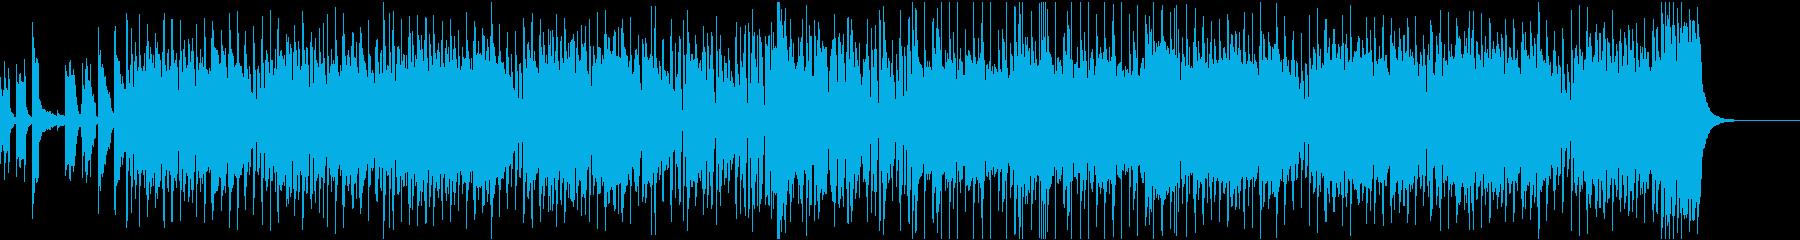 哀愁漂うジャズ調の曲の再生済みの波形